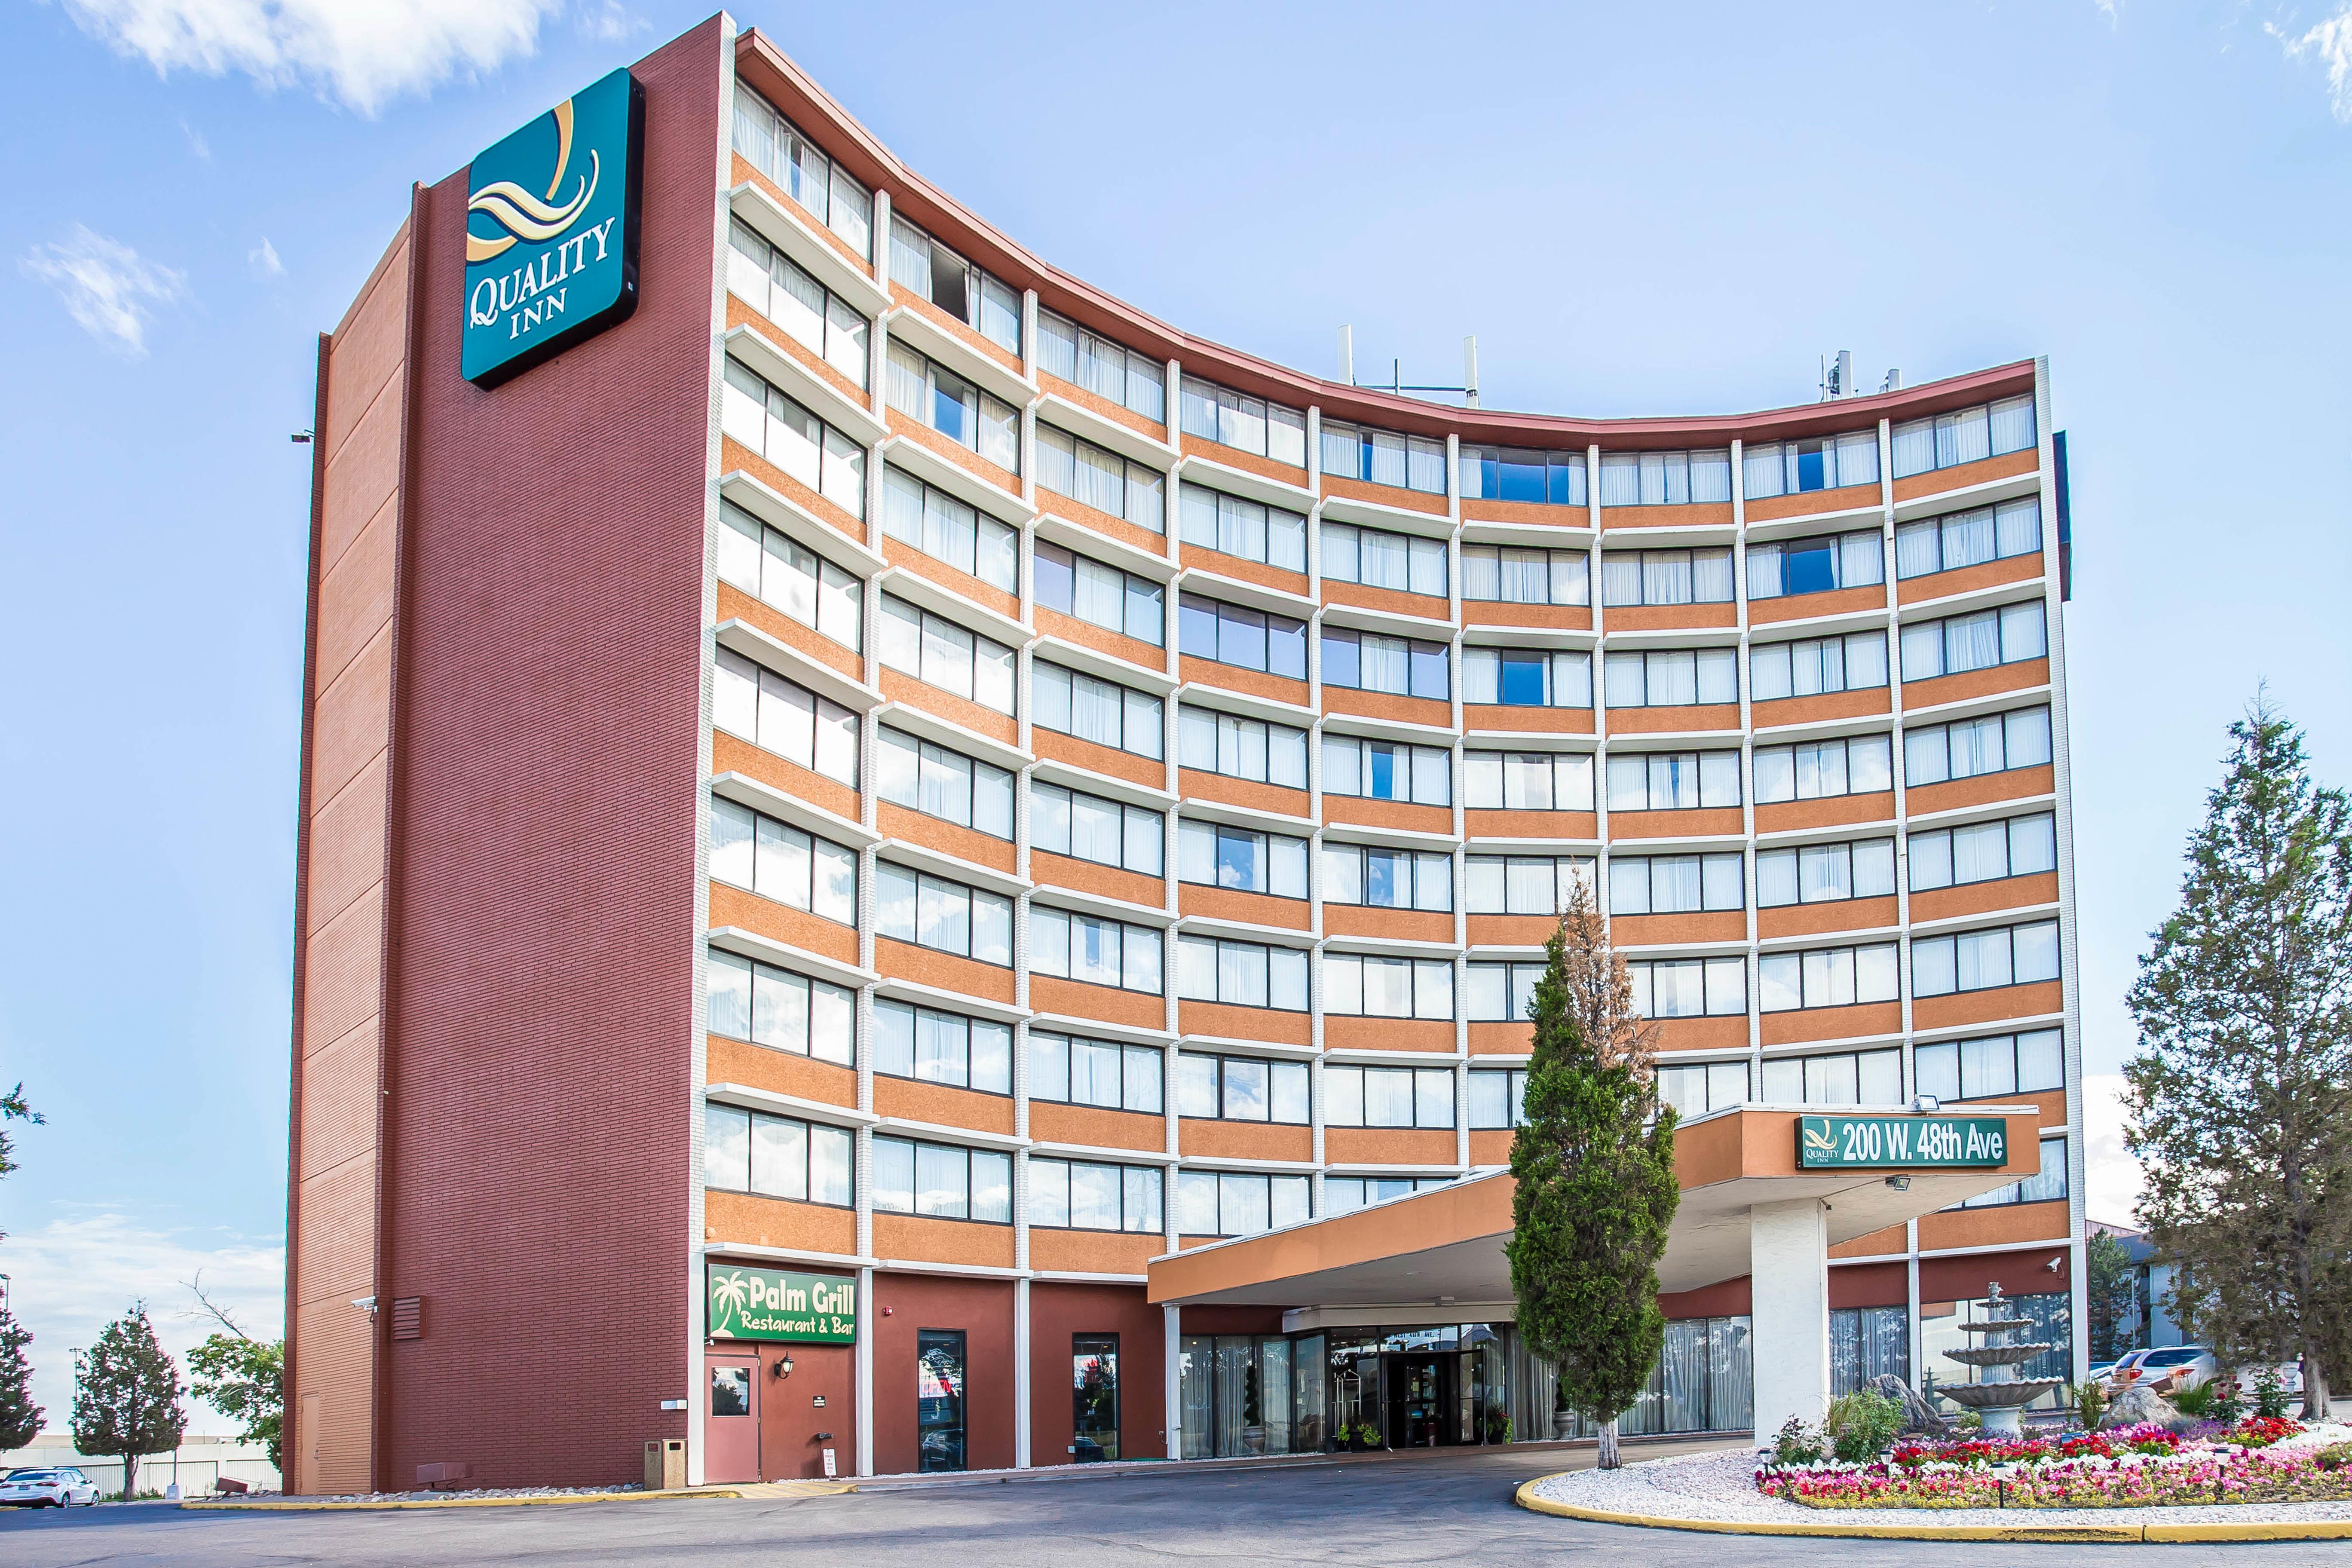 Quality Inn Denver Central In Denver Co 303 296 4